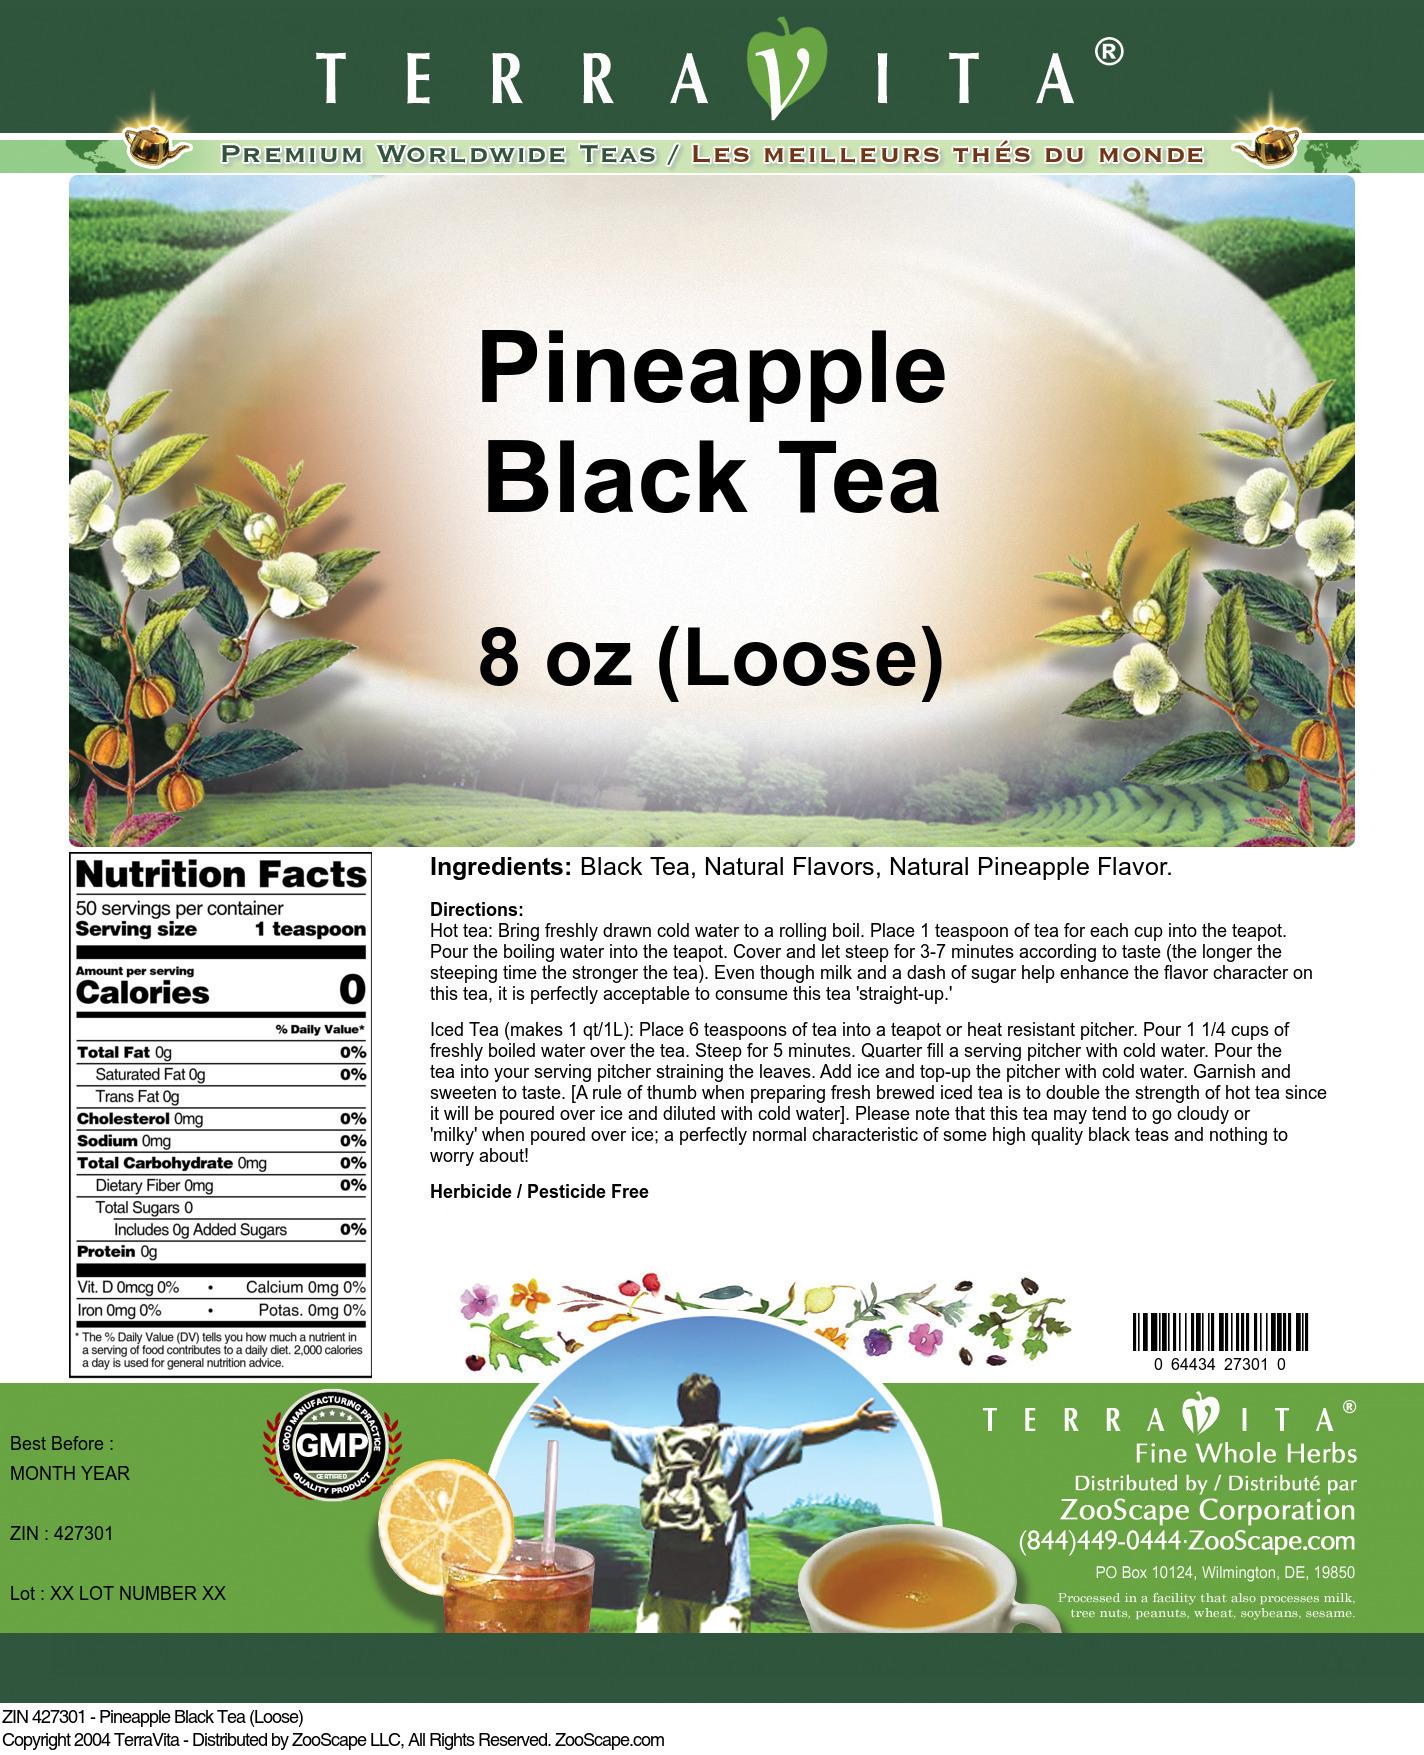 Pineapple Black Tea (Loose)